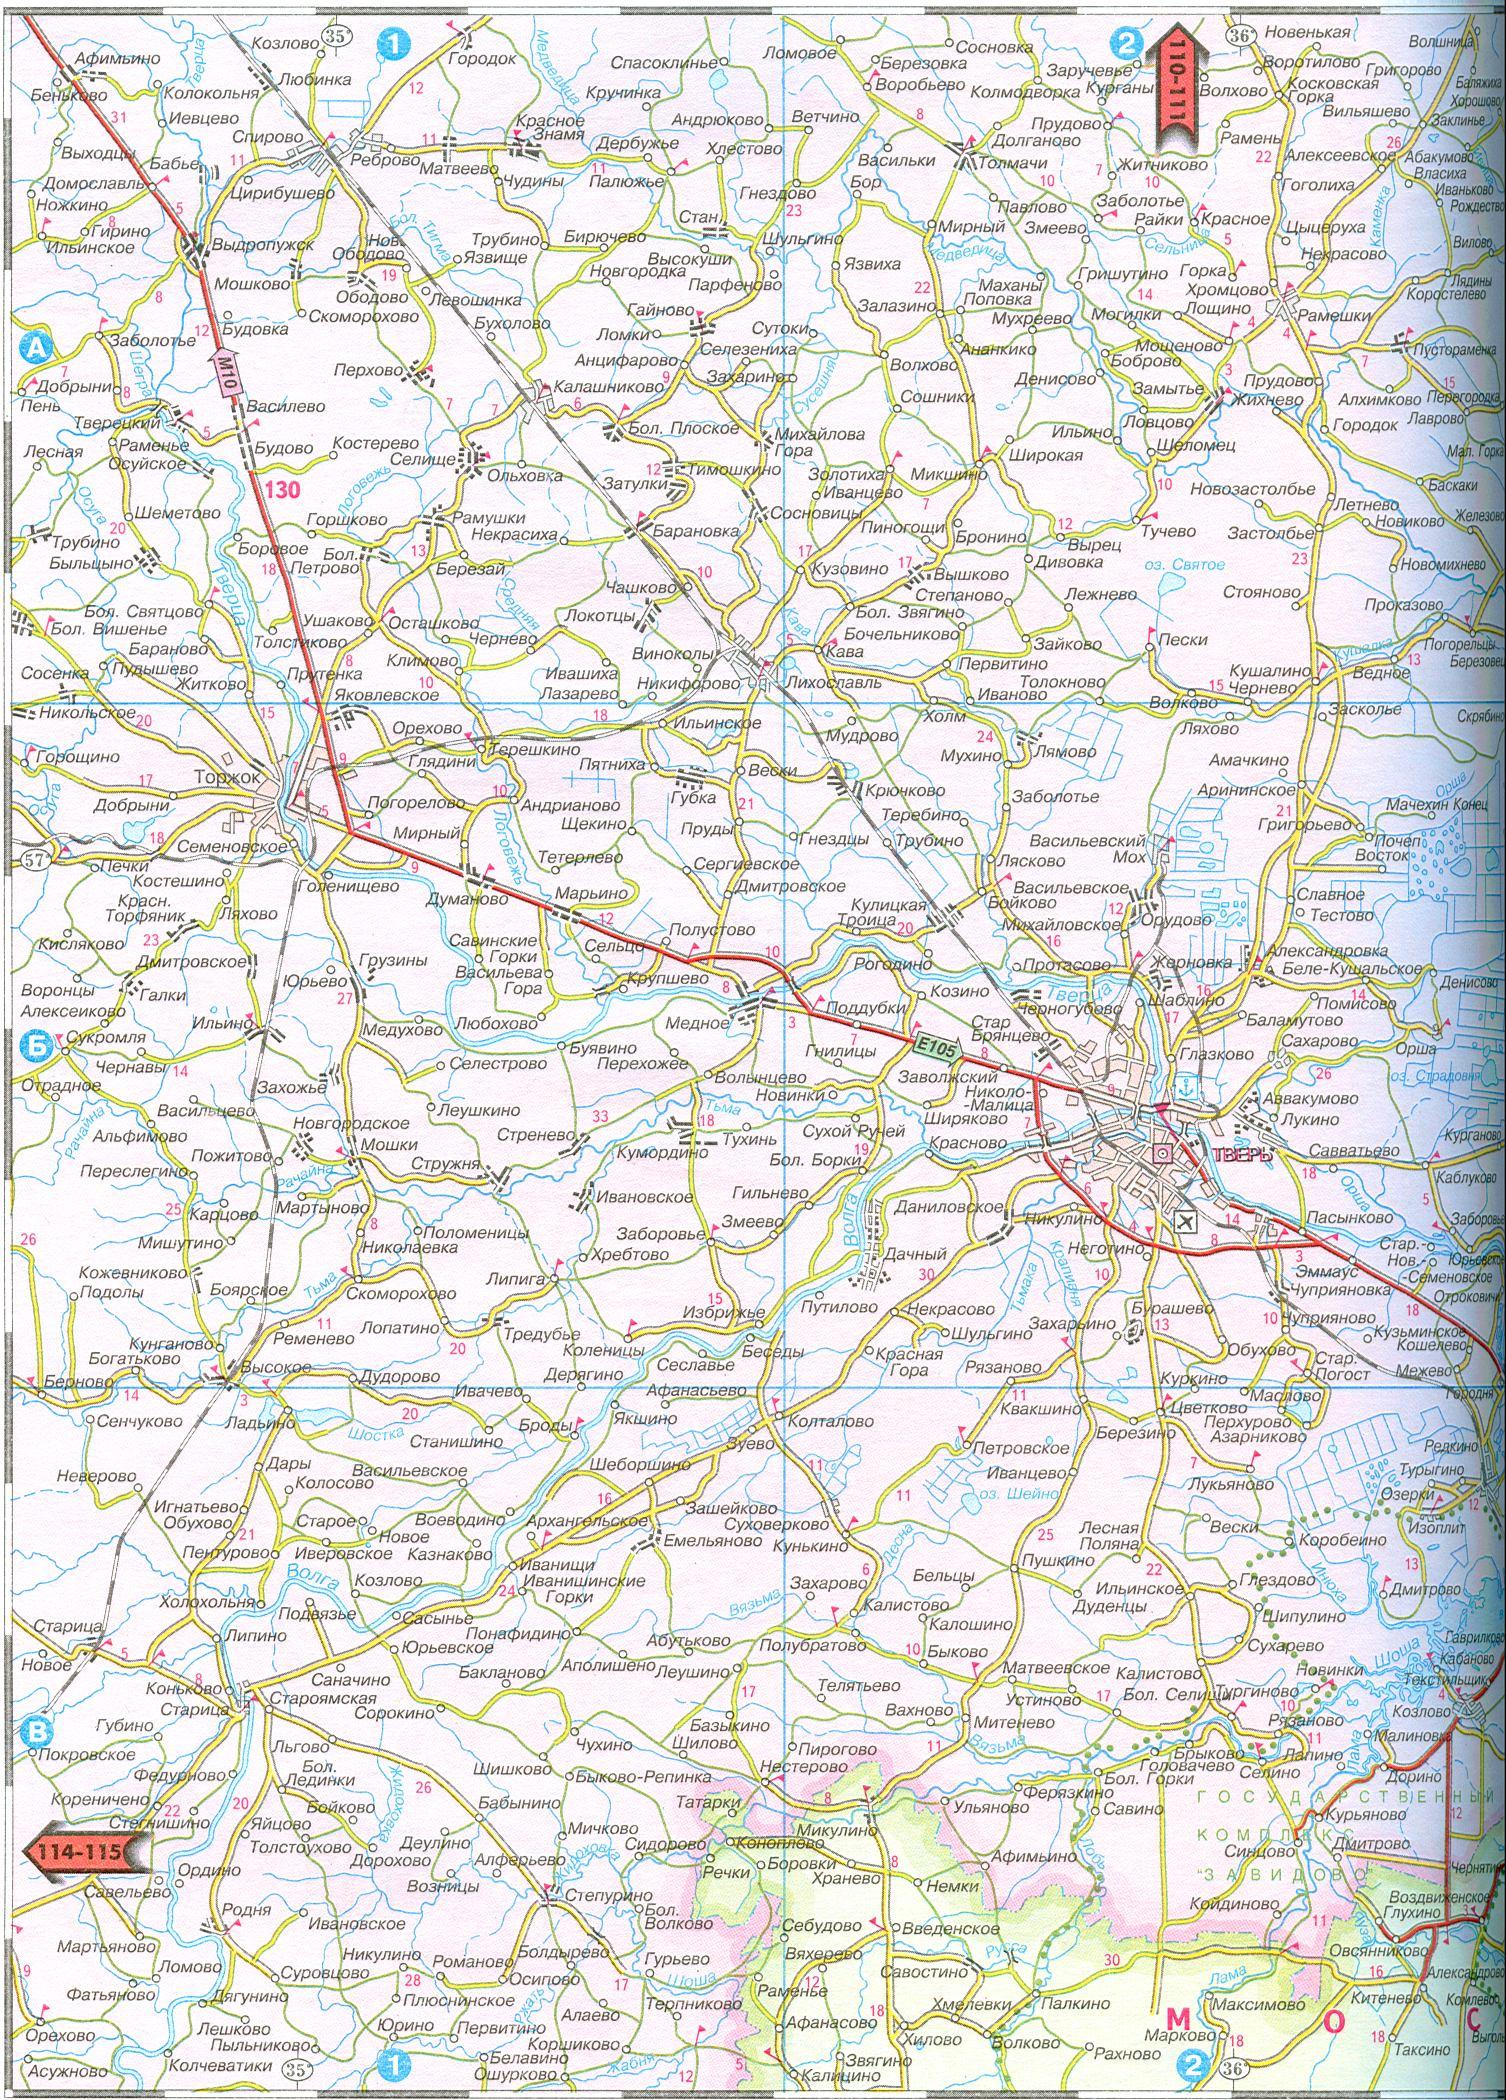 Векторная карта московской области